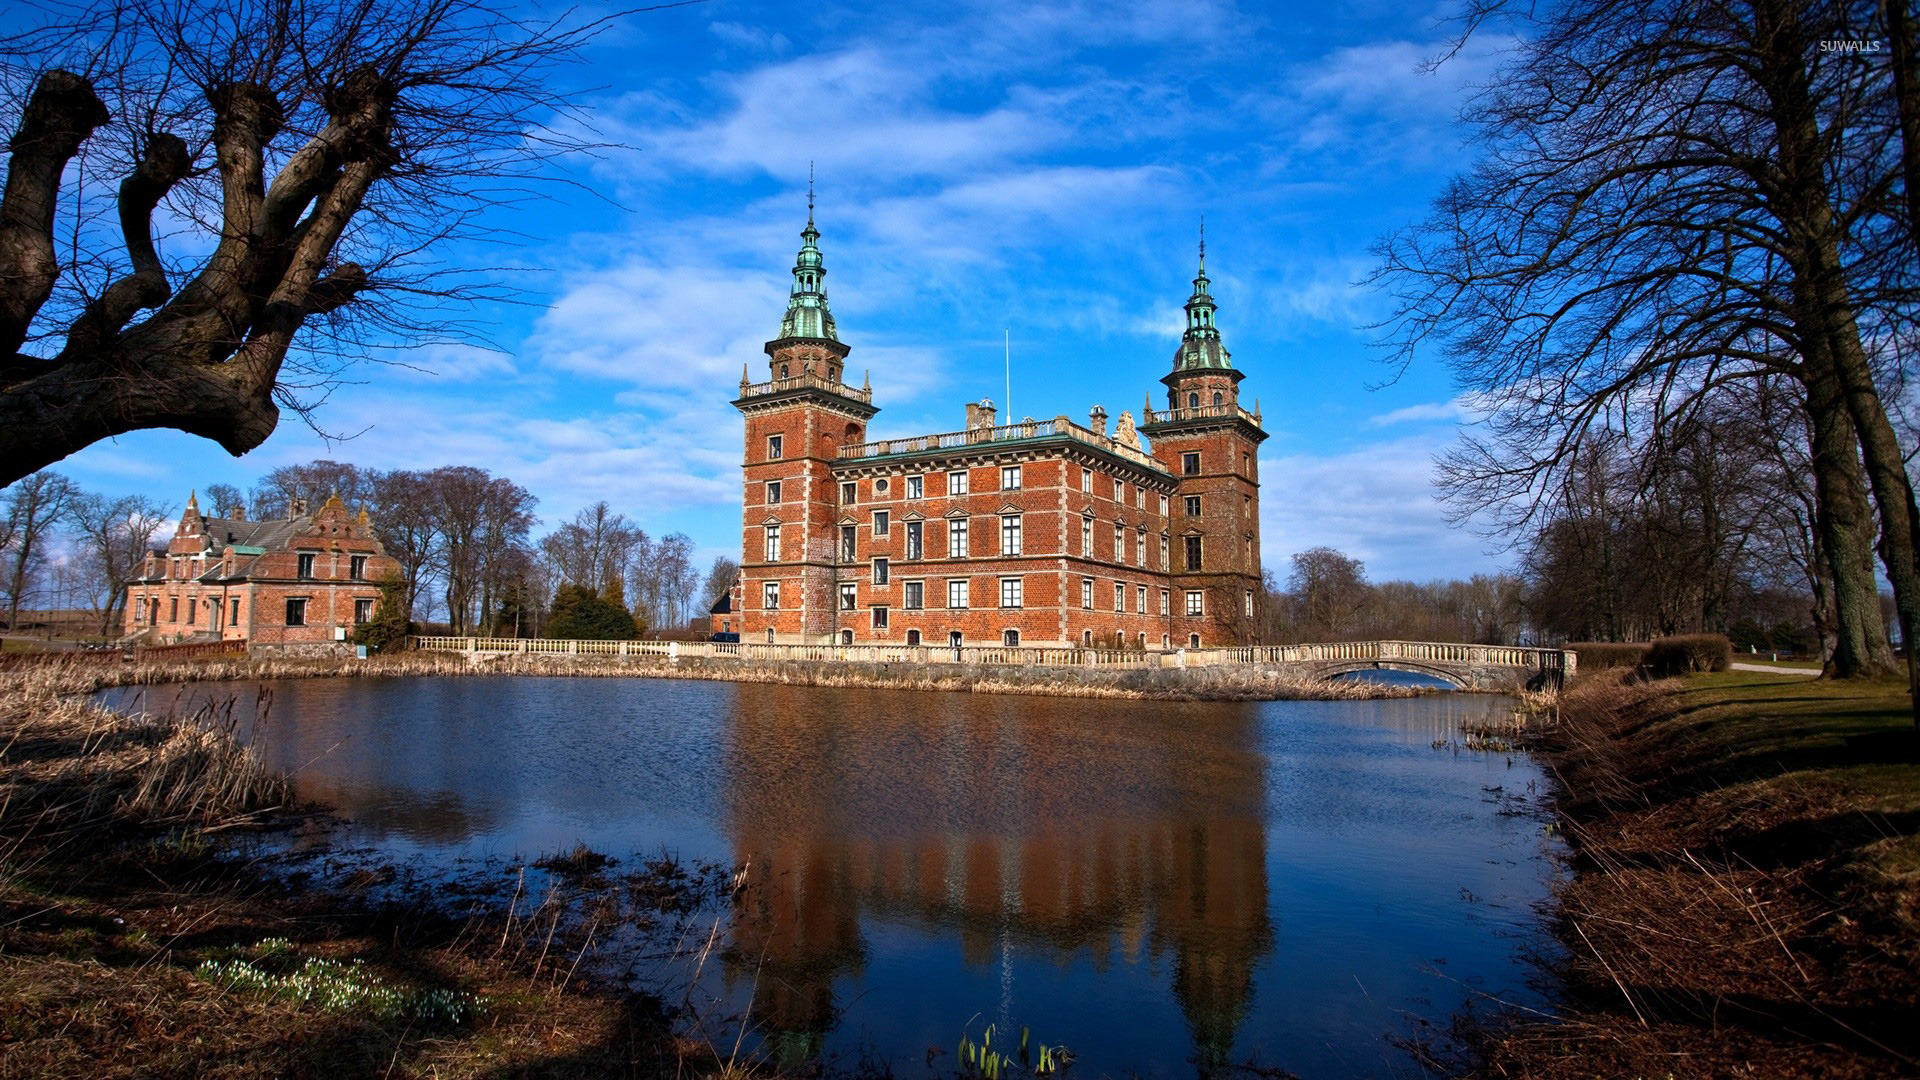 Marsvinsholm Castle Wallpaper World Wallpapers 25452